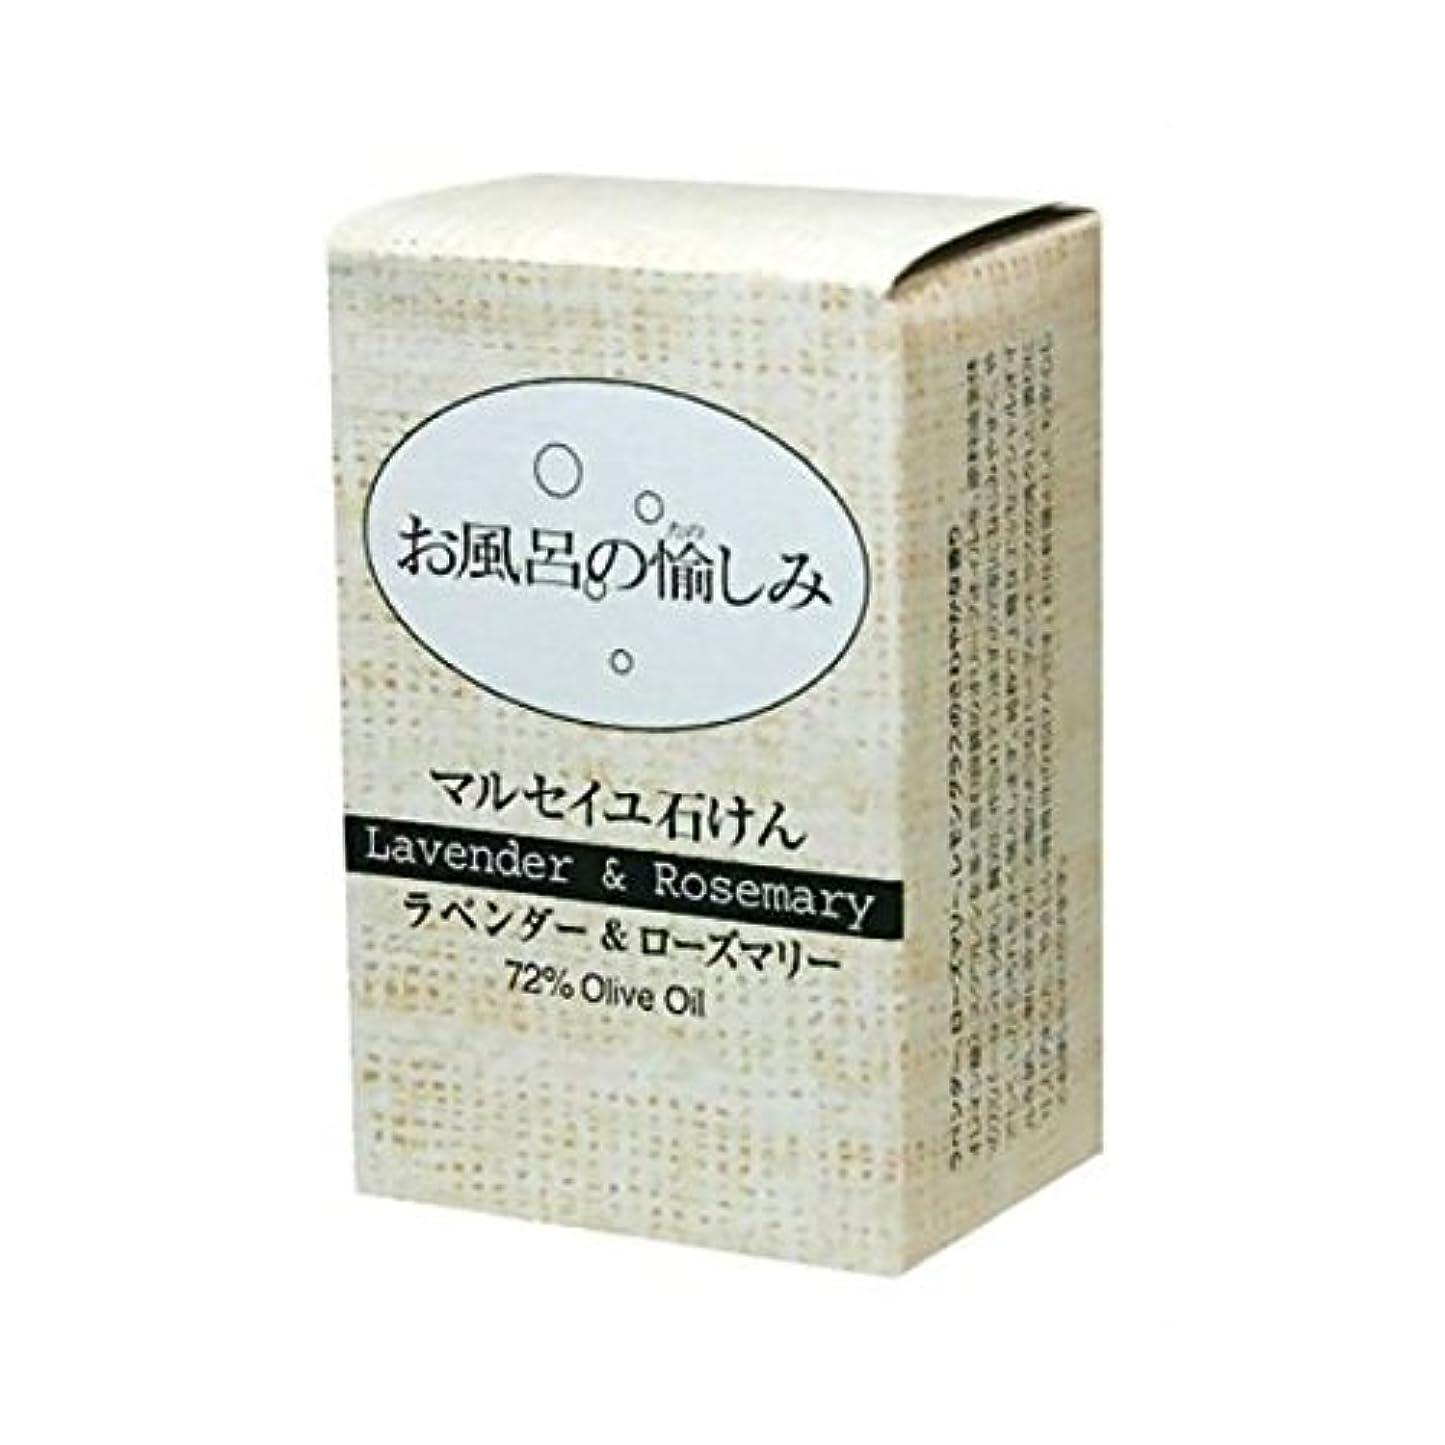 型上回るスピーカー【お徳用 3 セット】 お風呂の愉しみ マルセイユ石鹸 (ラベンダー&ローズマリー)×3セット